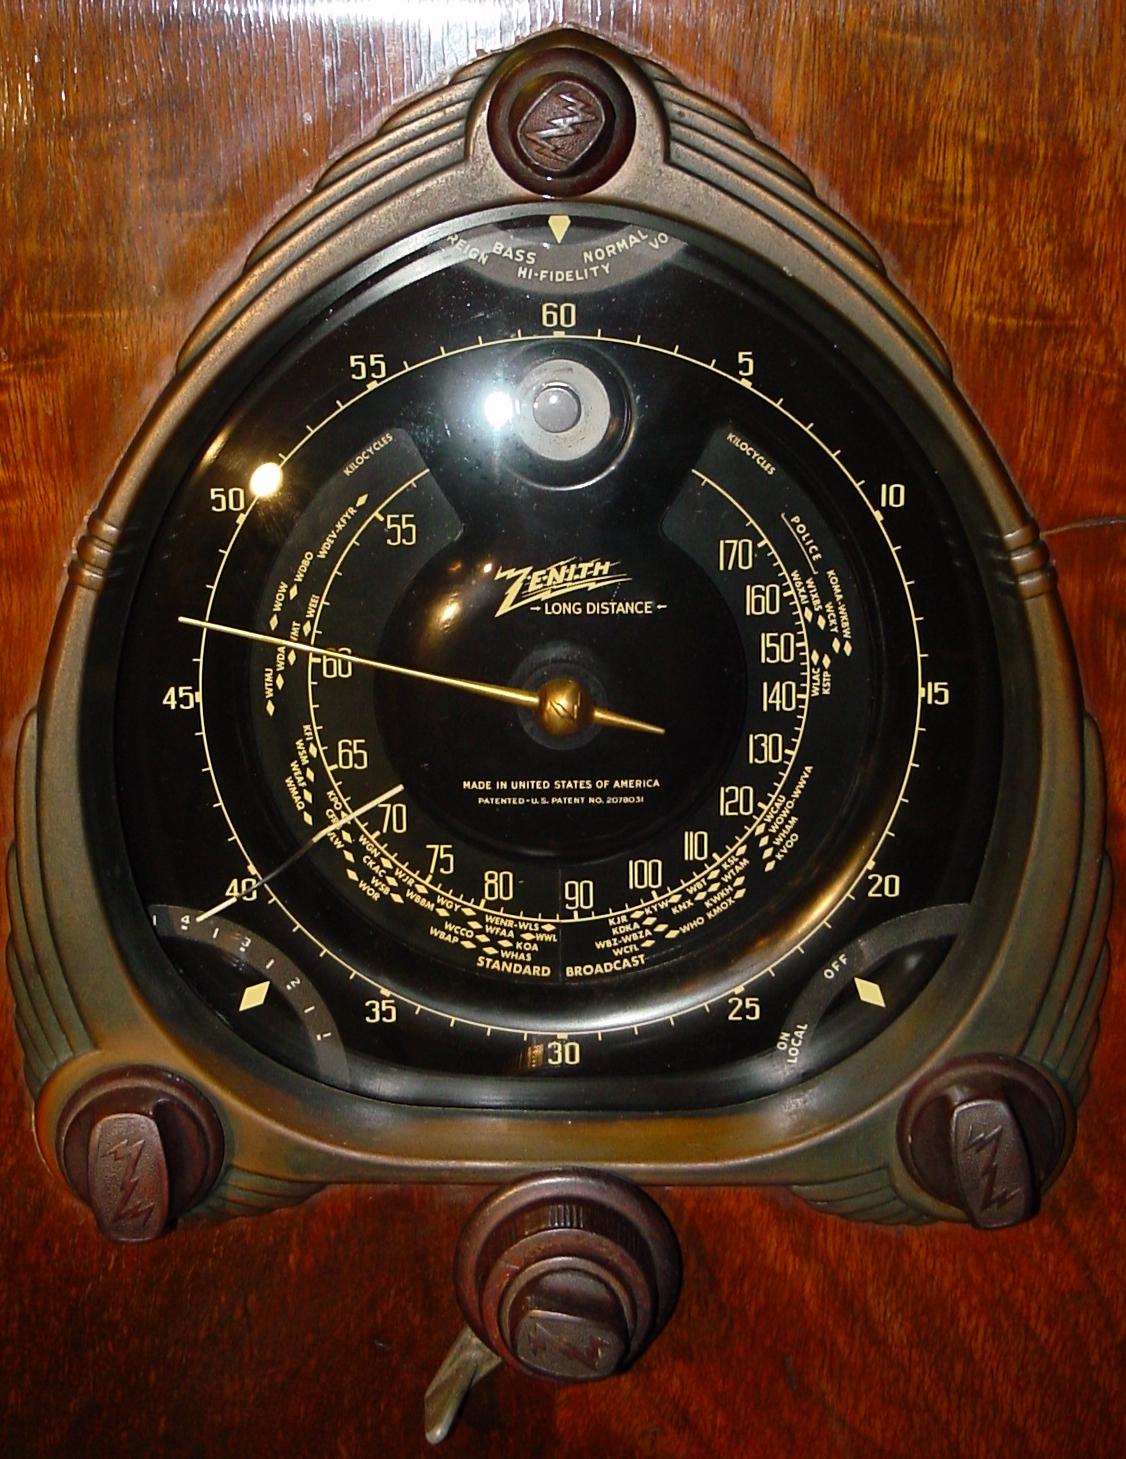 Zenith 12-S-267 (12S267) Shutter-Dial Floor Model Radio (1938)